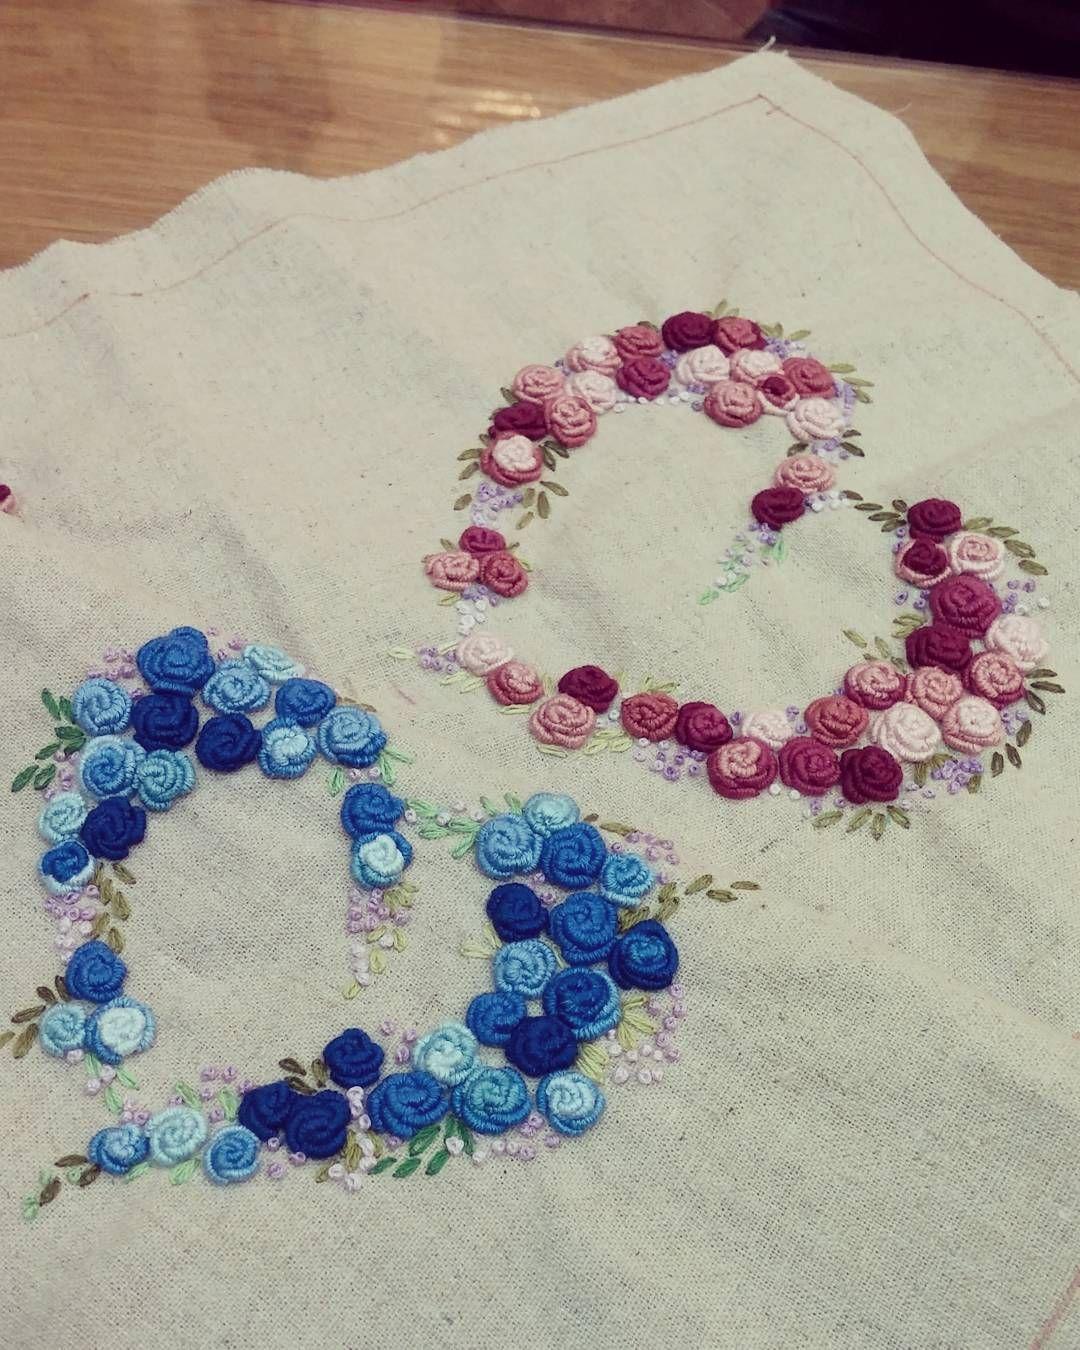 Bullion rose stitch embroidery ideas patterns ╭ԑ̮̑